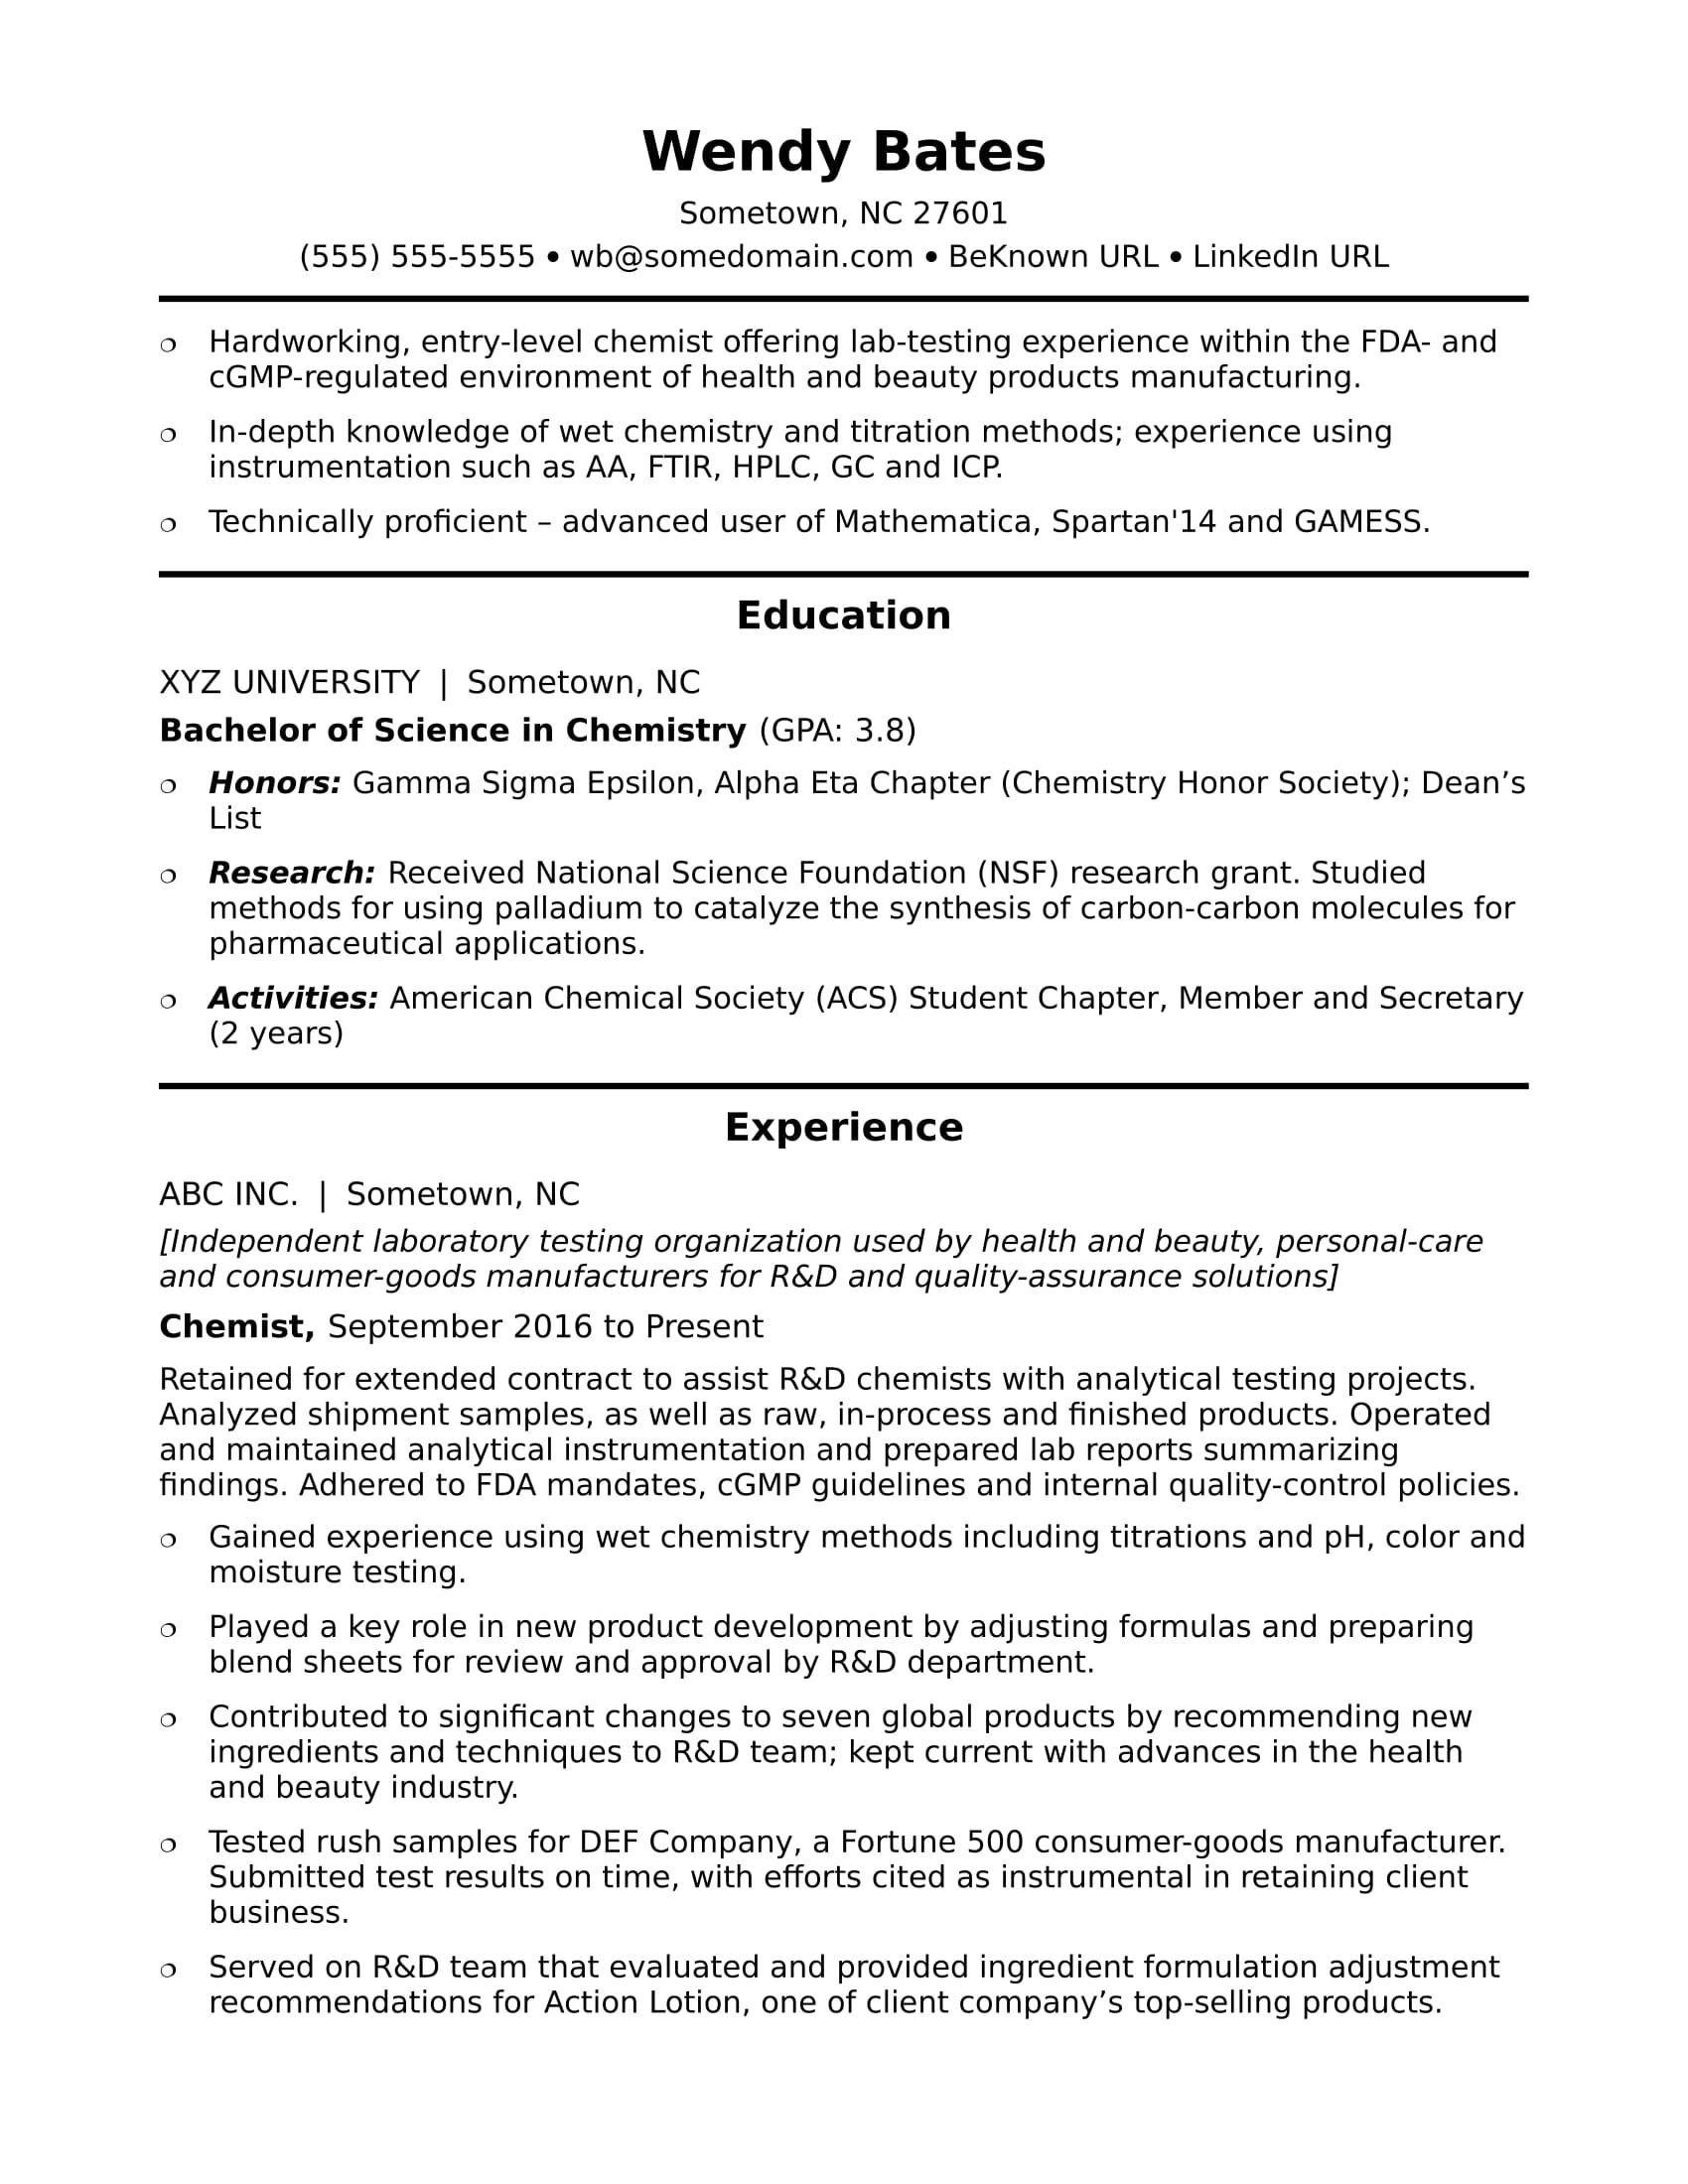 Entry Level Chemist Resume Sample